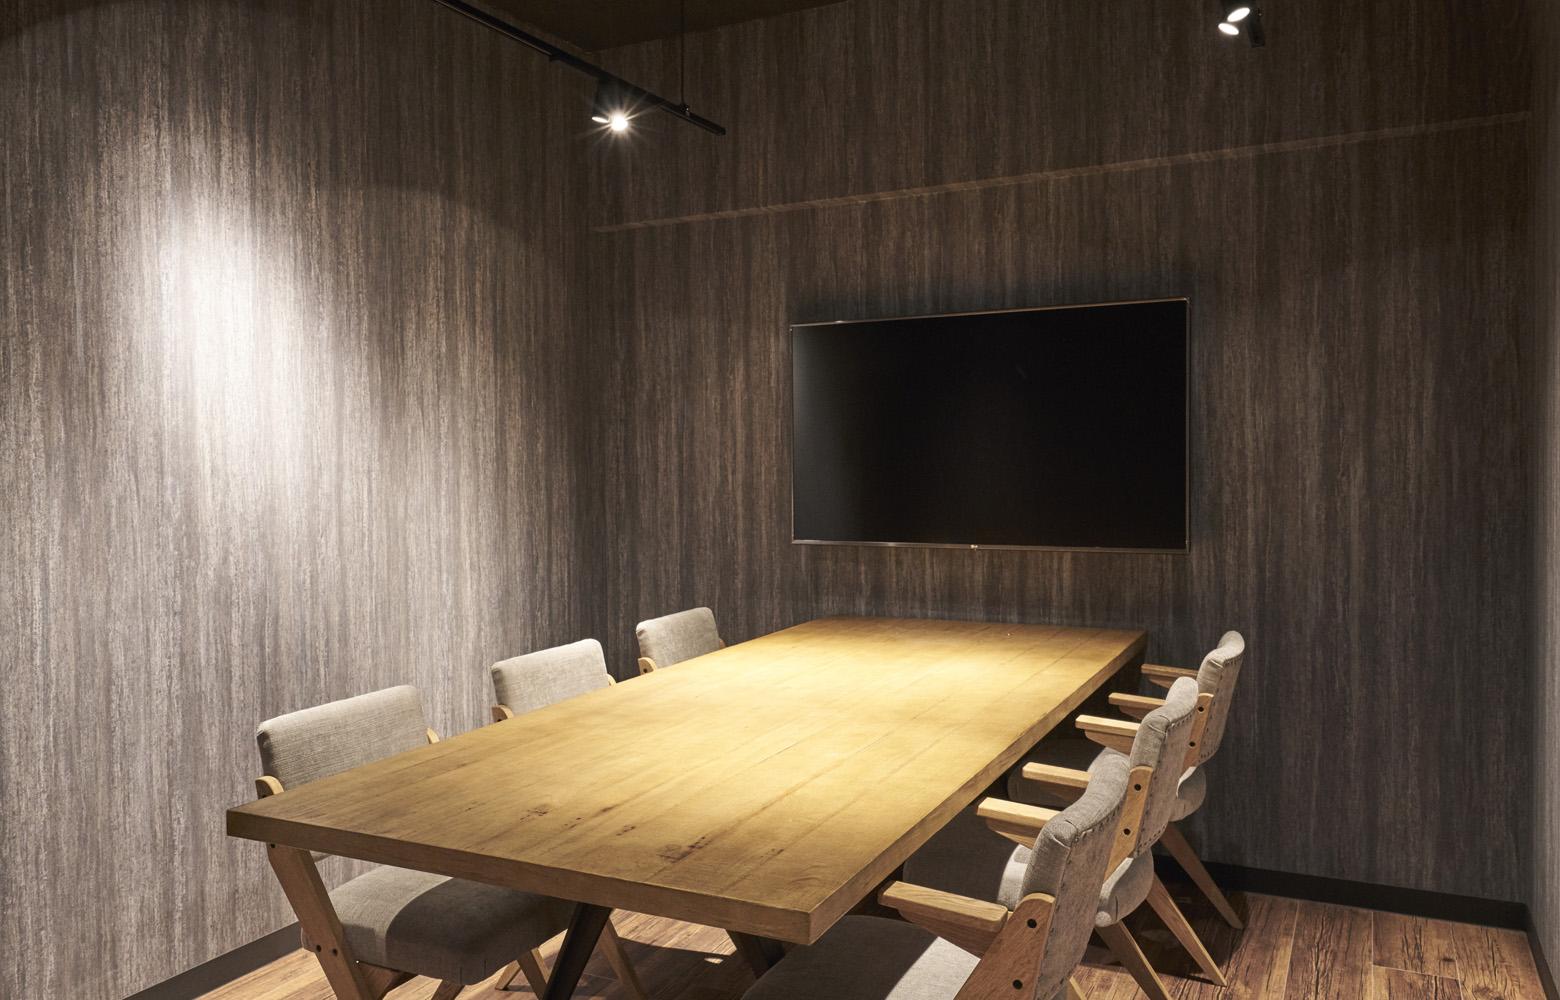 株式会社TEN&Co. Meeting Room デザイン・レイアウト事例